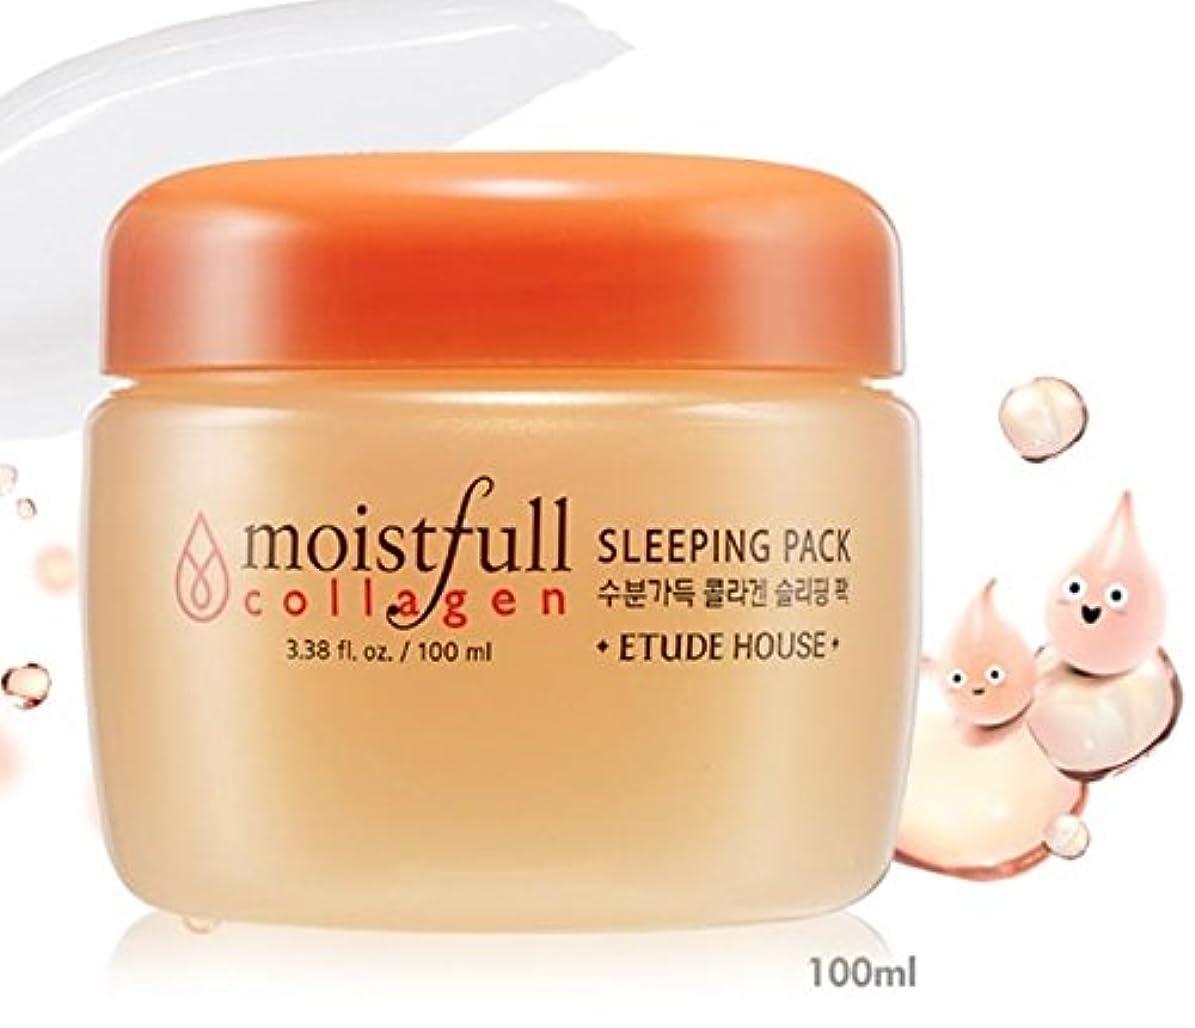 トン田舎者継承[エチュードハウス] ETUDE HOUSE [モイストフルコラーゲン スリーピングパック] (Moistfull Collagen Sleeping Pack) [並行輸入品]